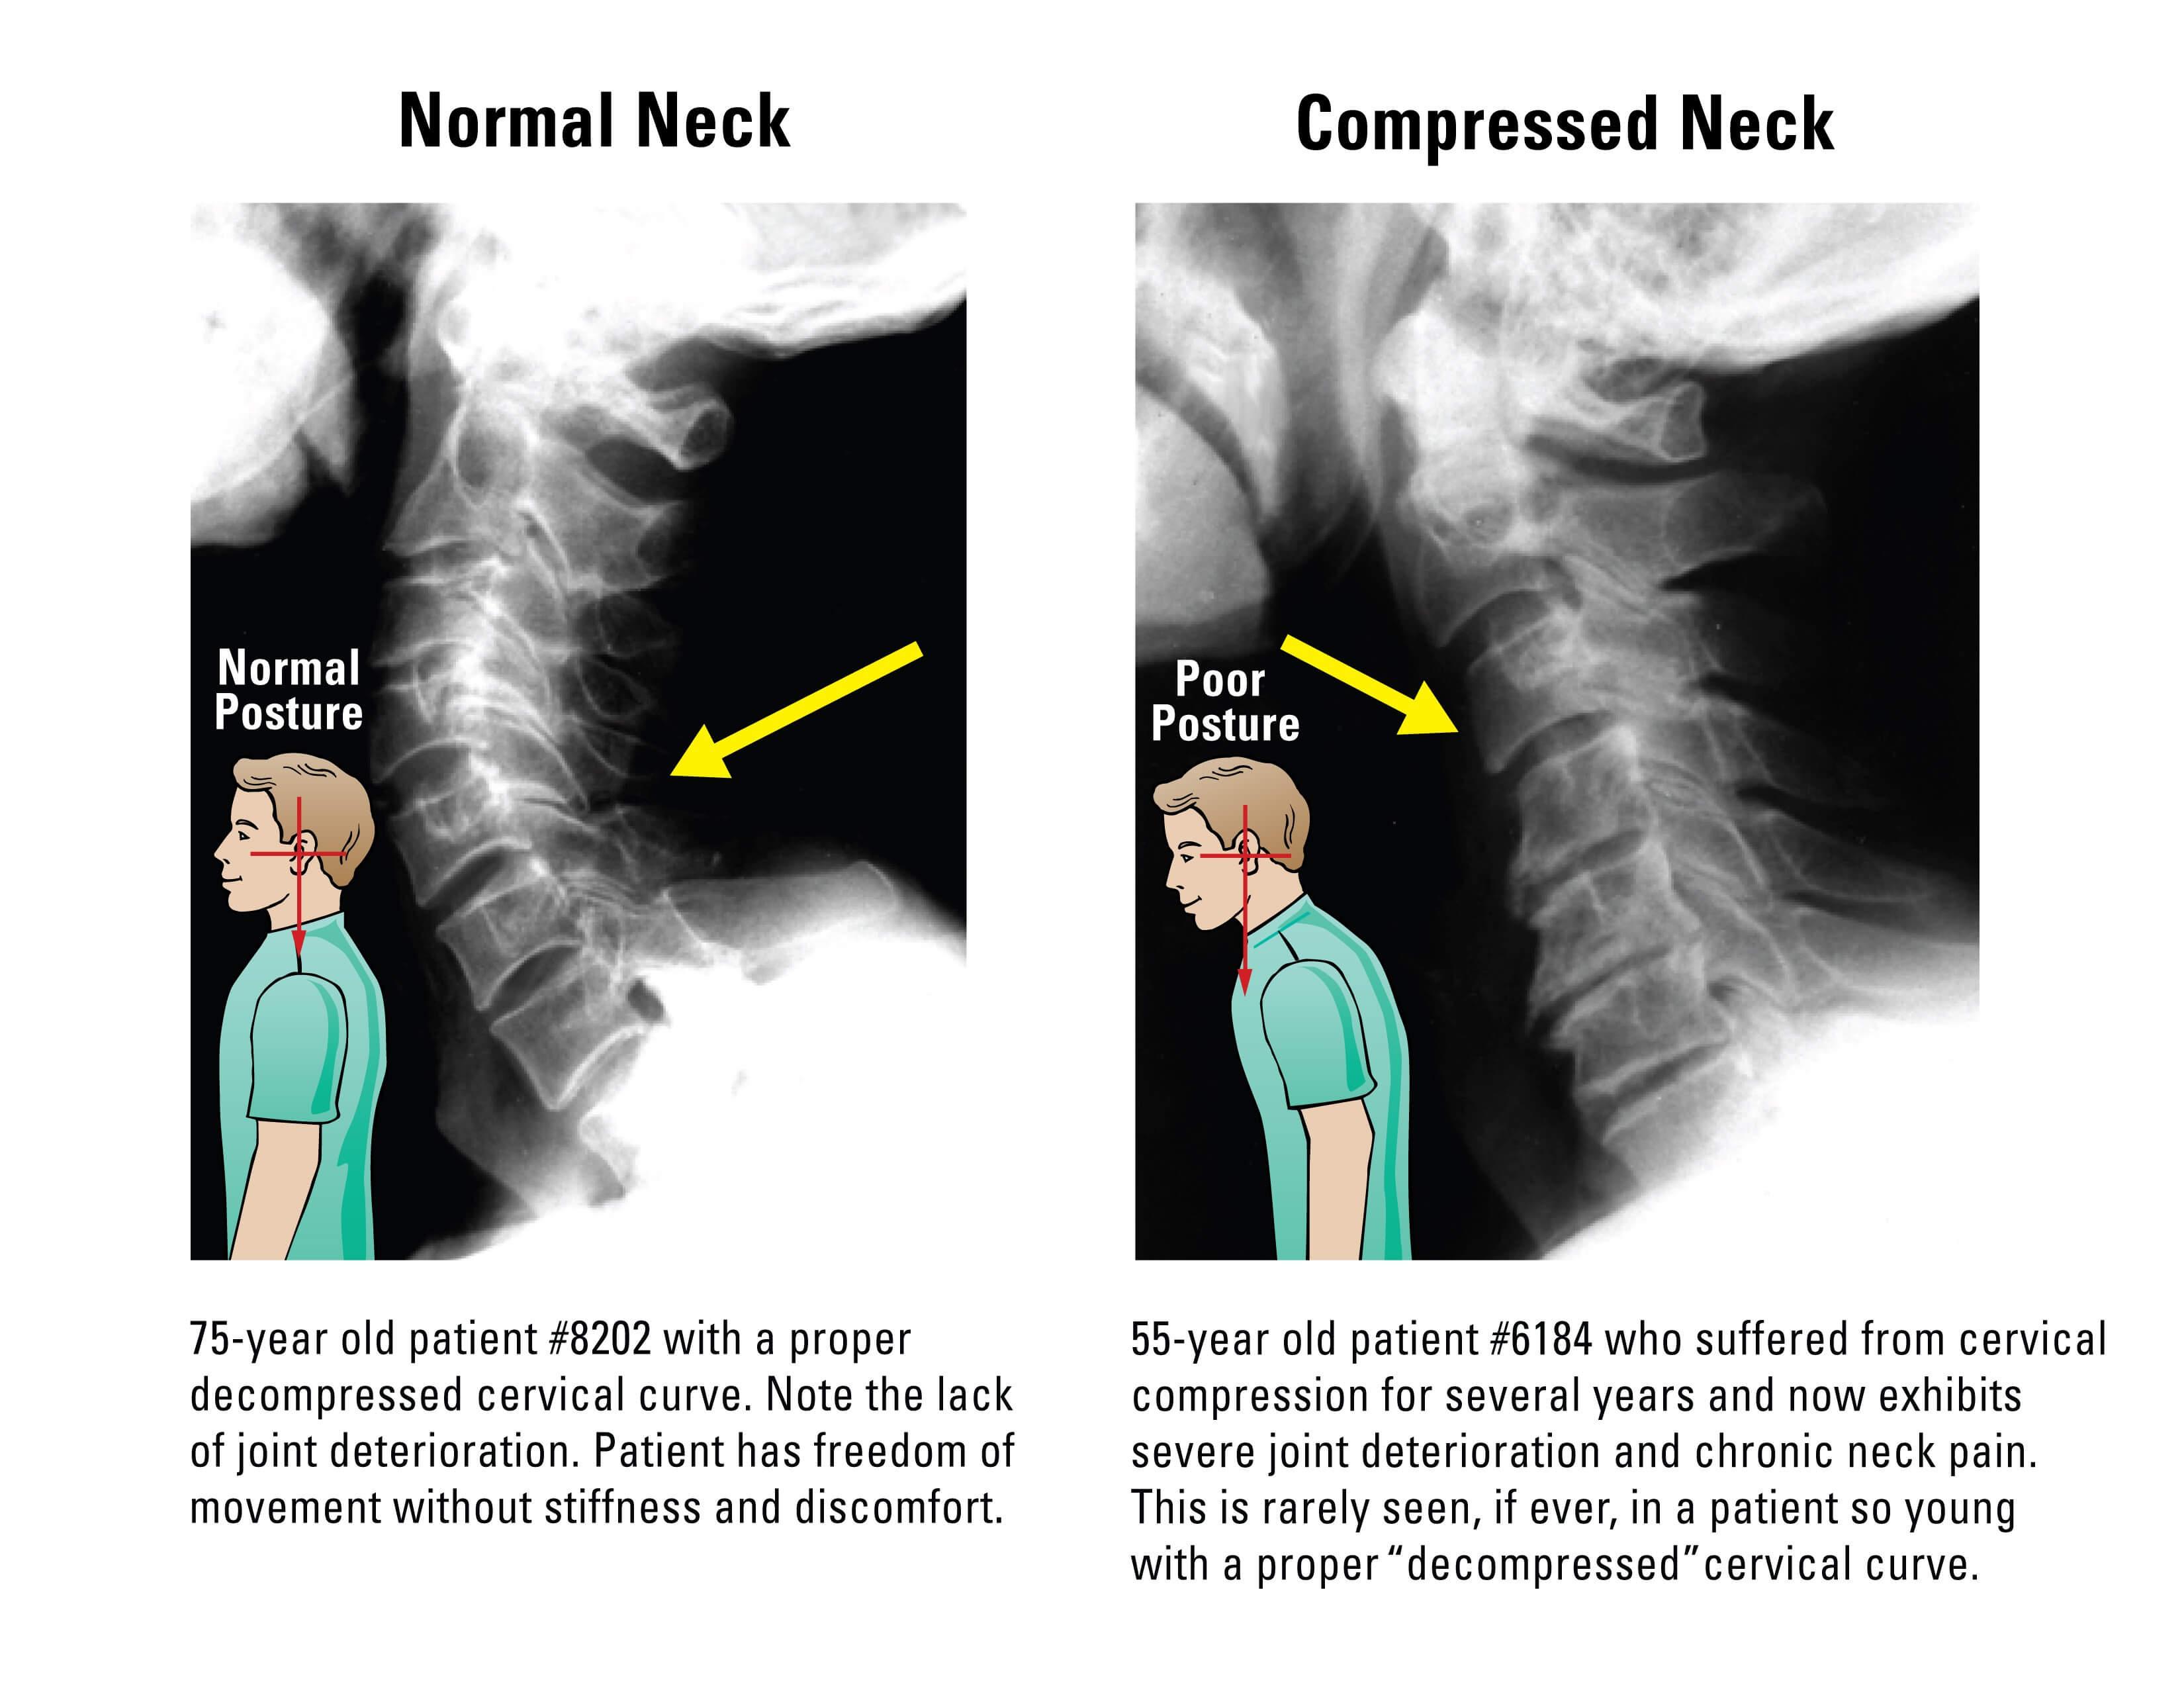 Compressed Spine